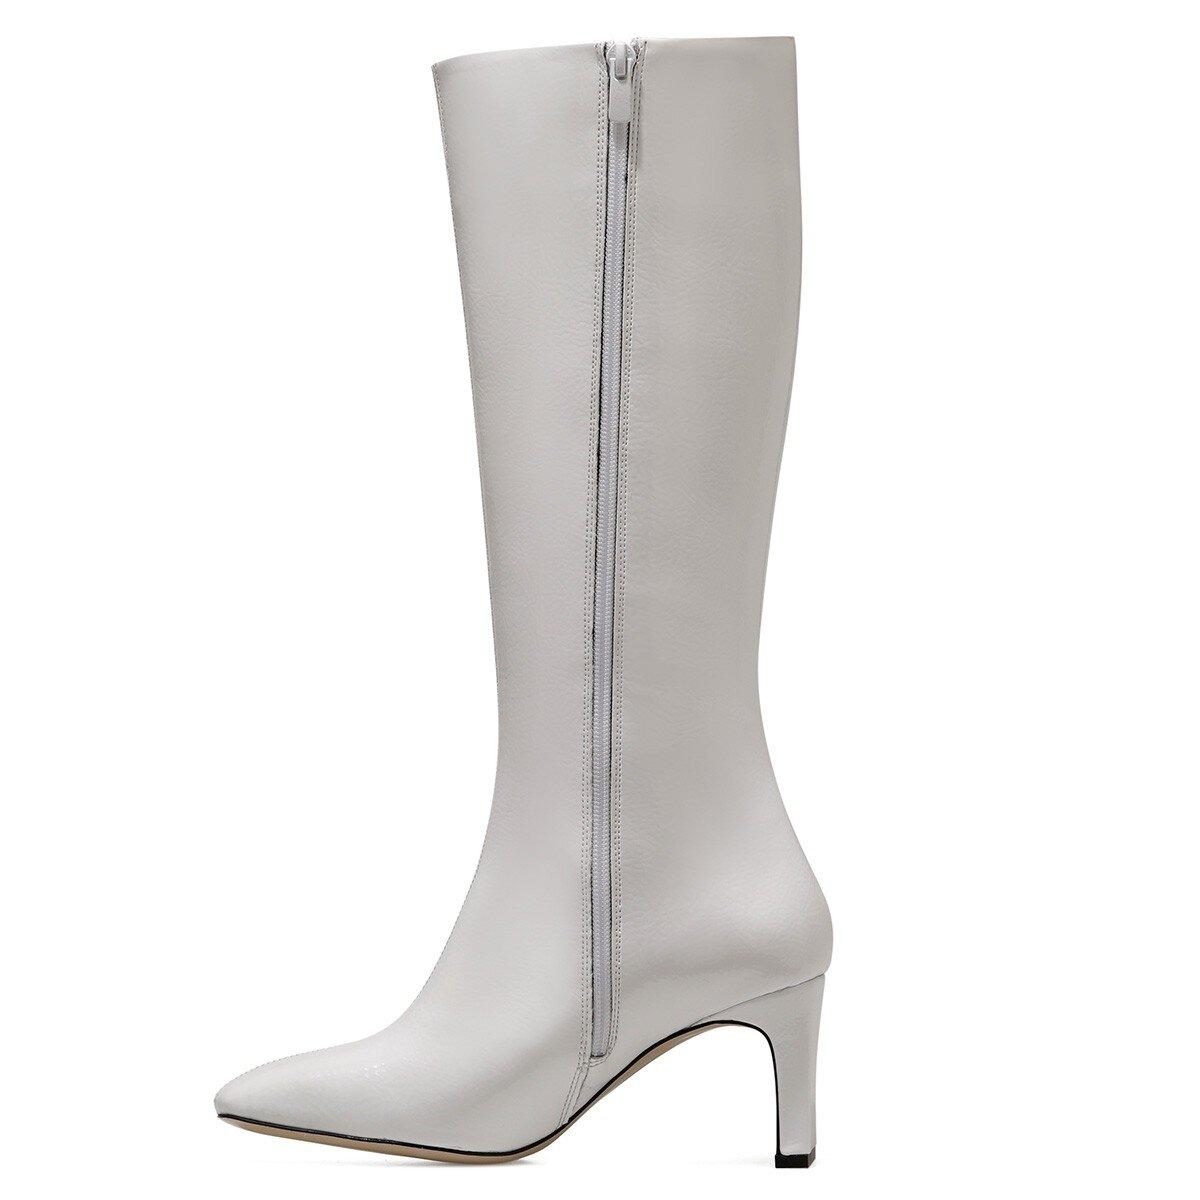 LAROSA Beyaz Kadın Topuklu Çizme